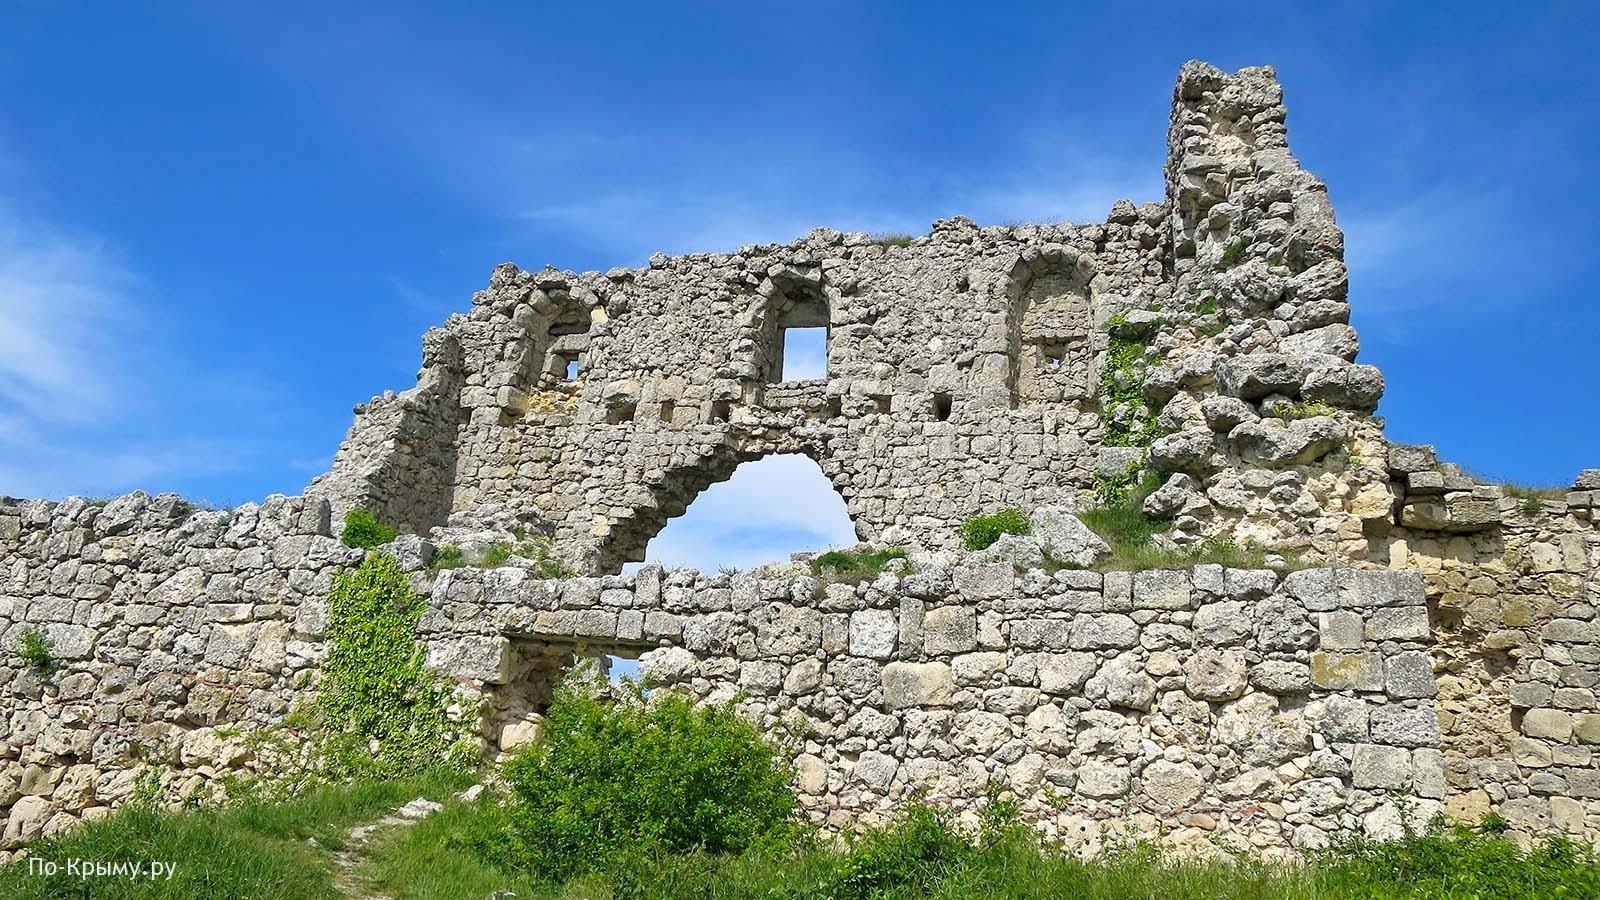 Крым, остатки крепостной стены